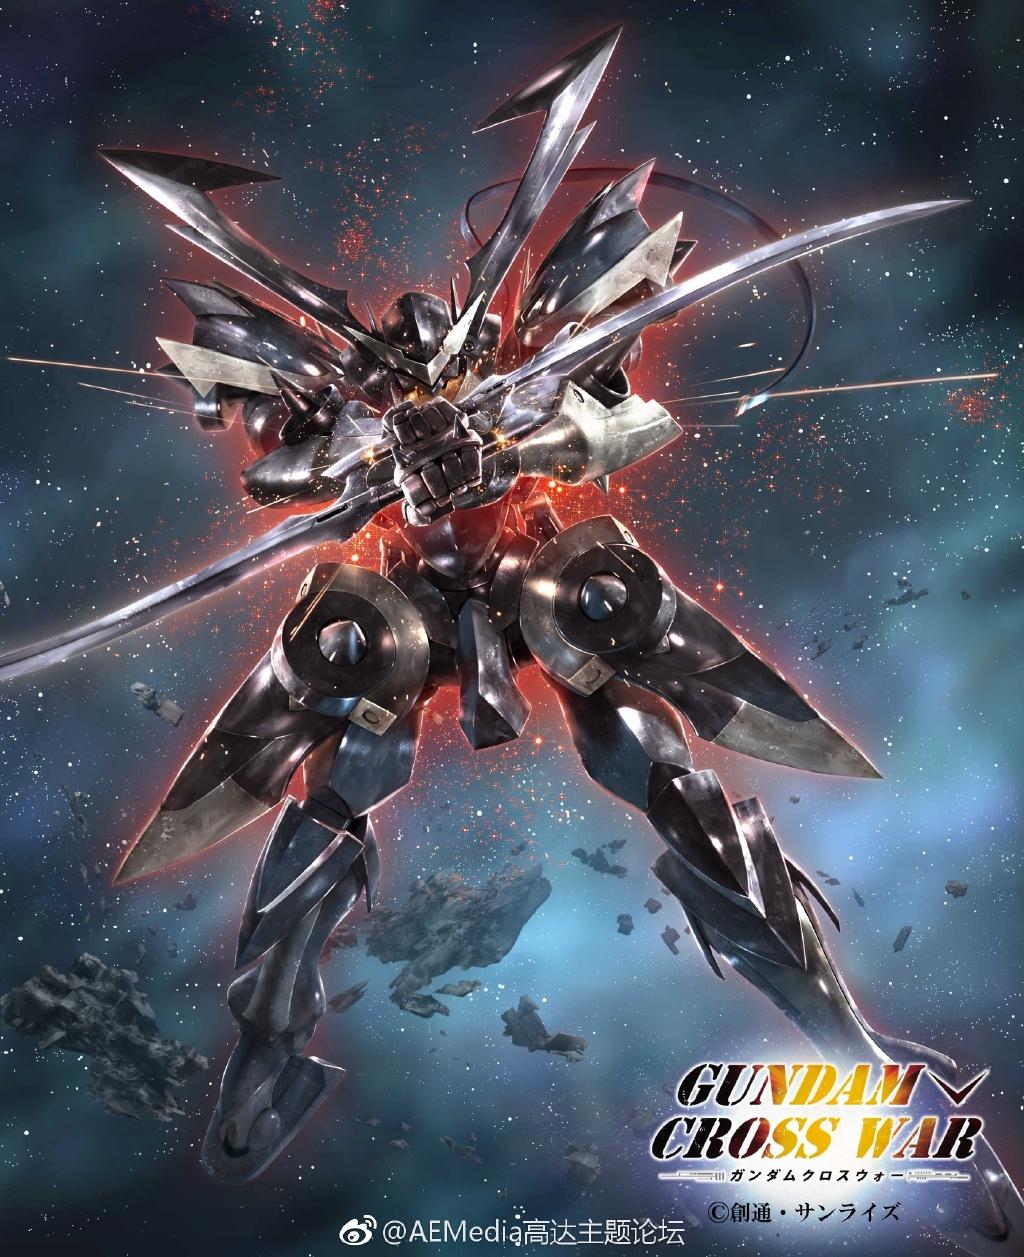 Gundam Iphone Wallpaper: Gundam Cross War Mobile Phone Size Wallpapers